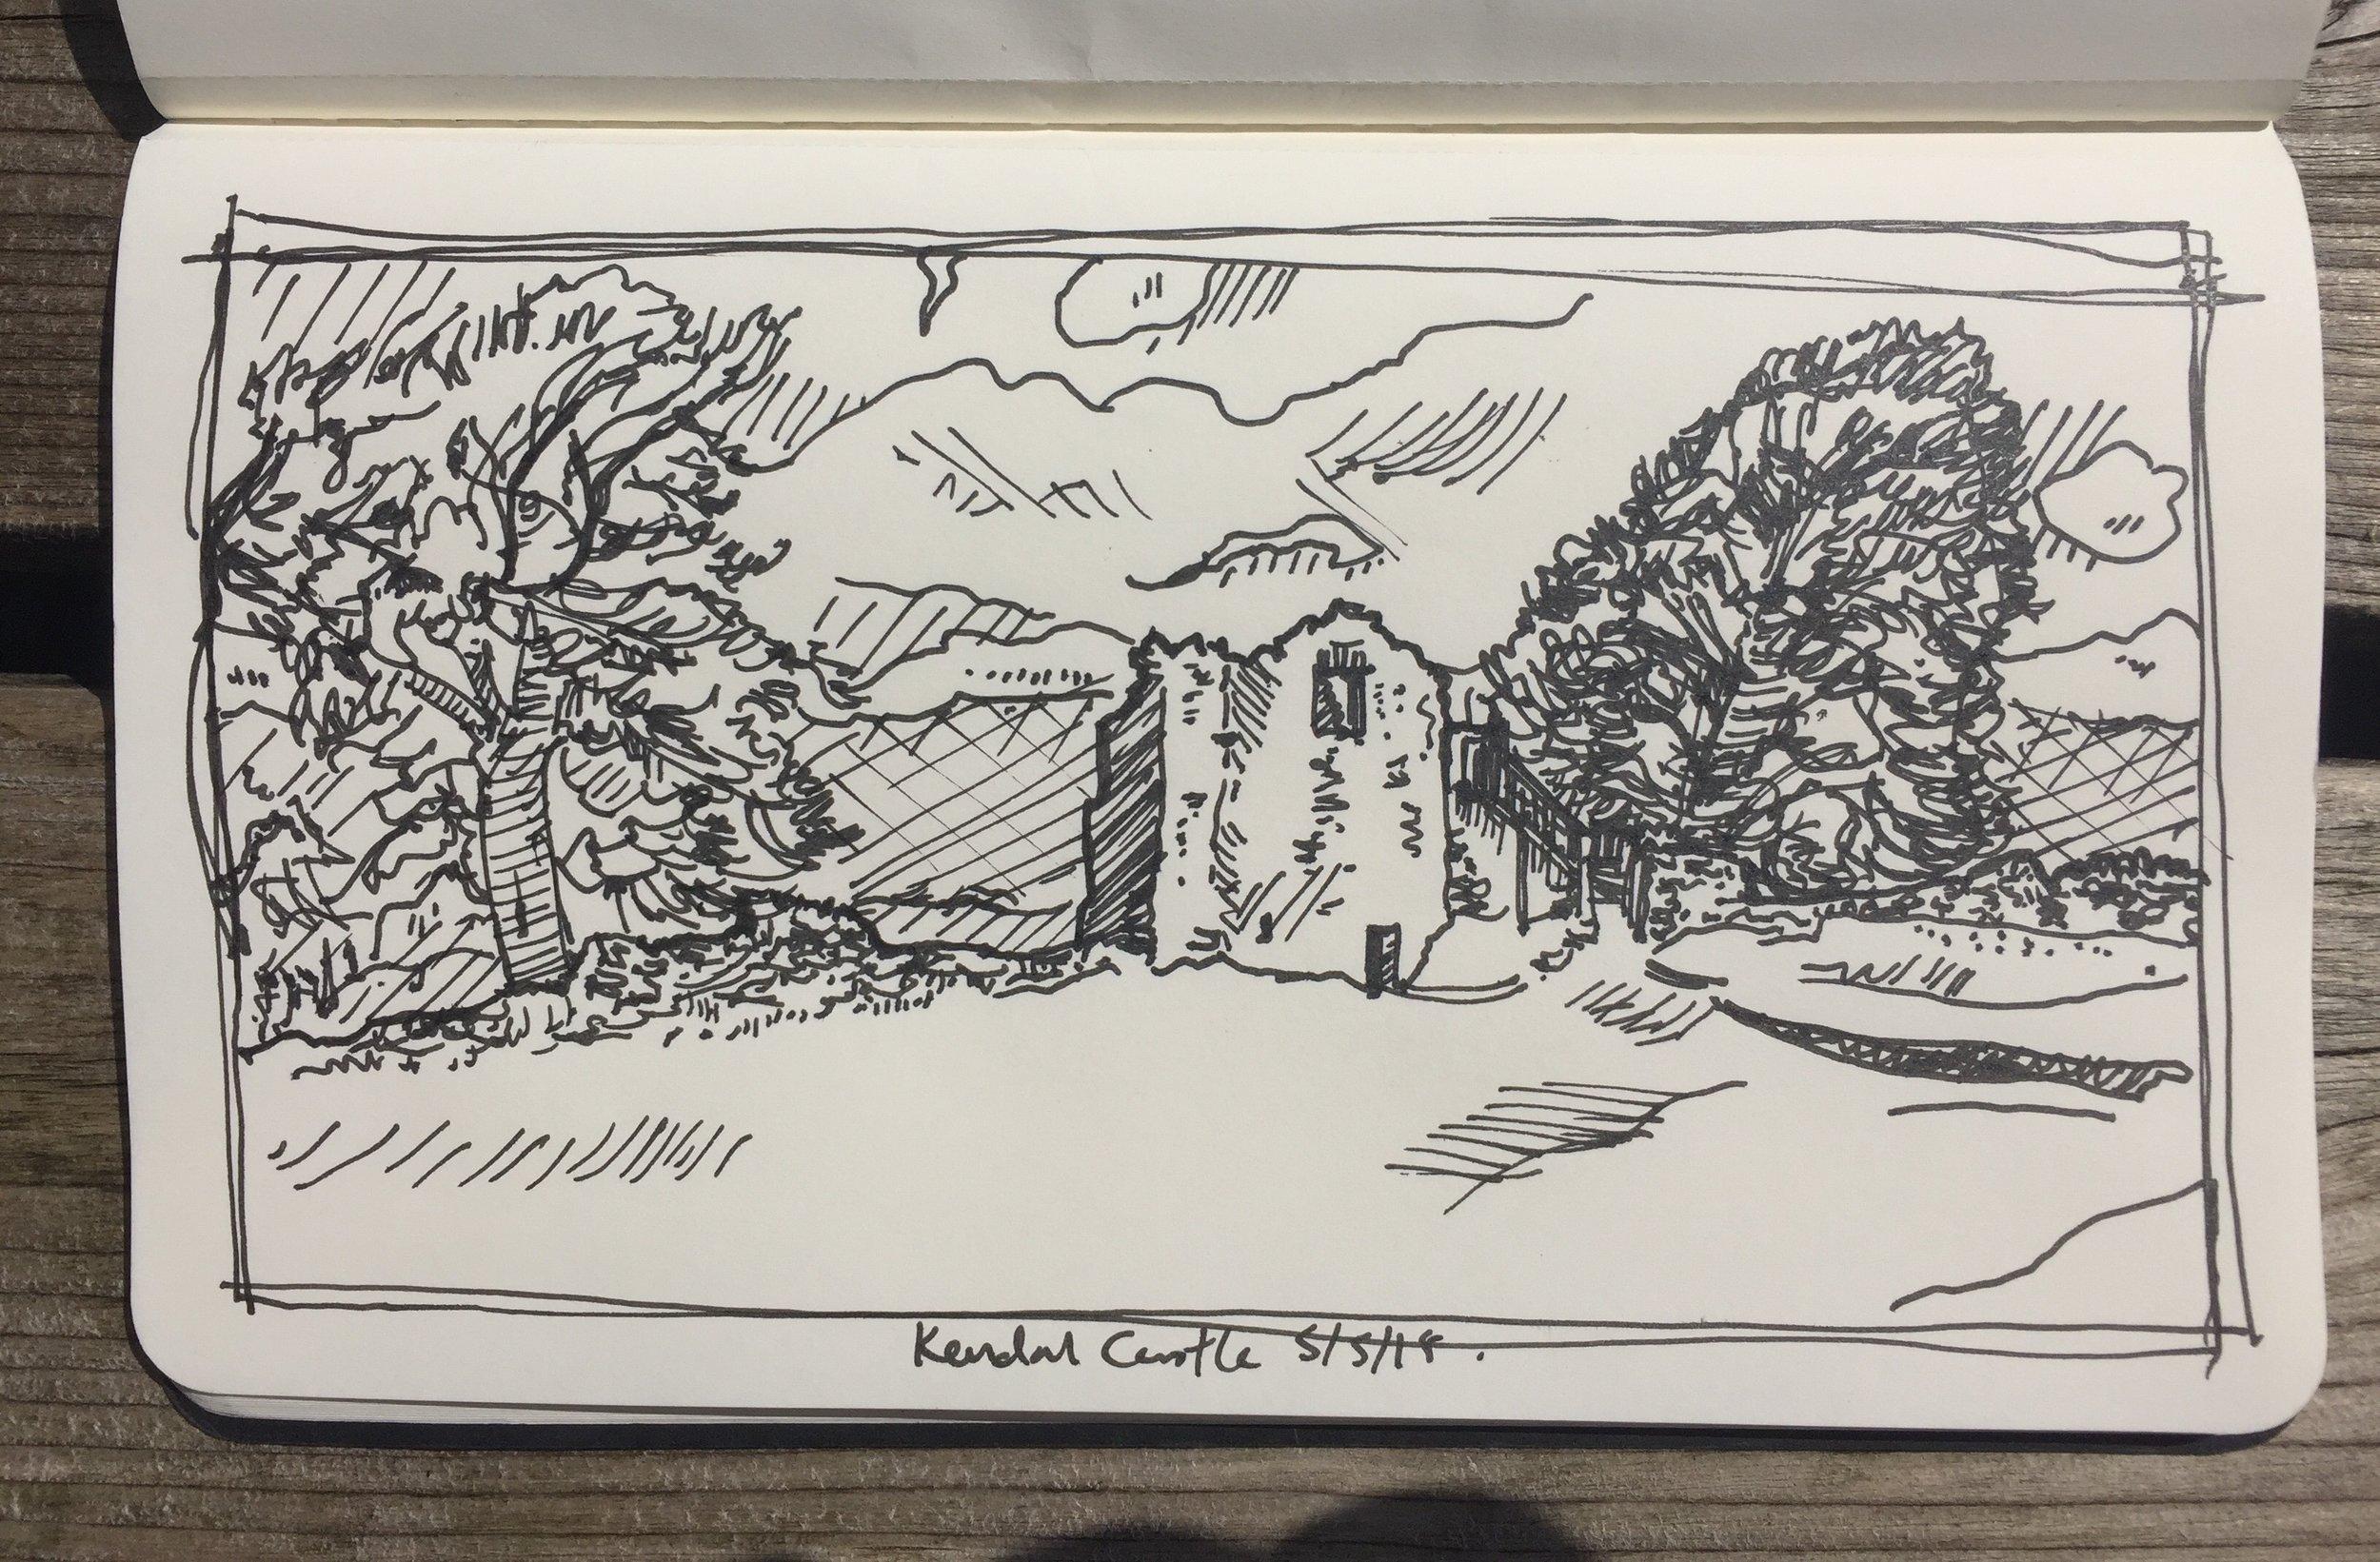 fig.4 Kendal Castle